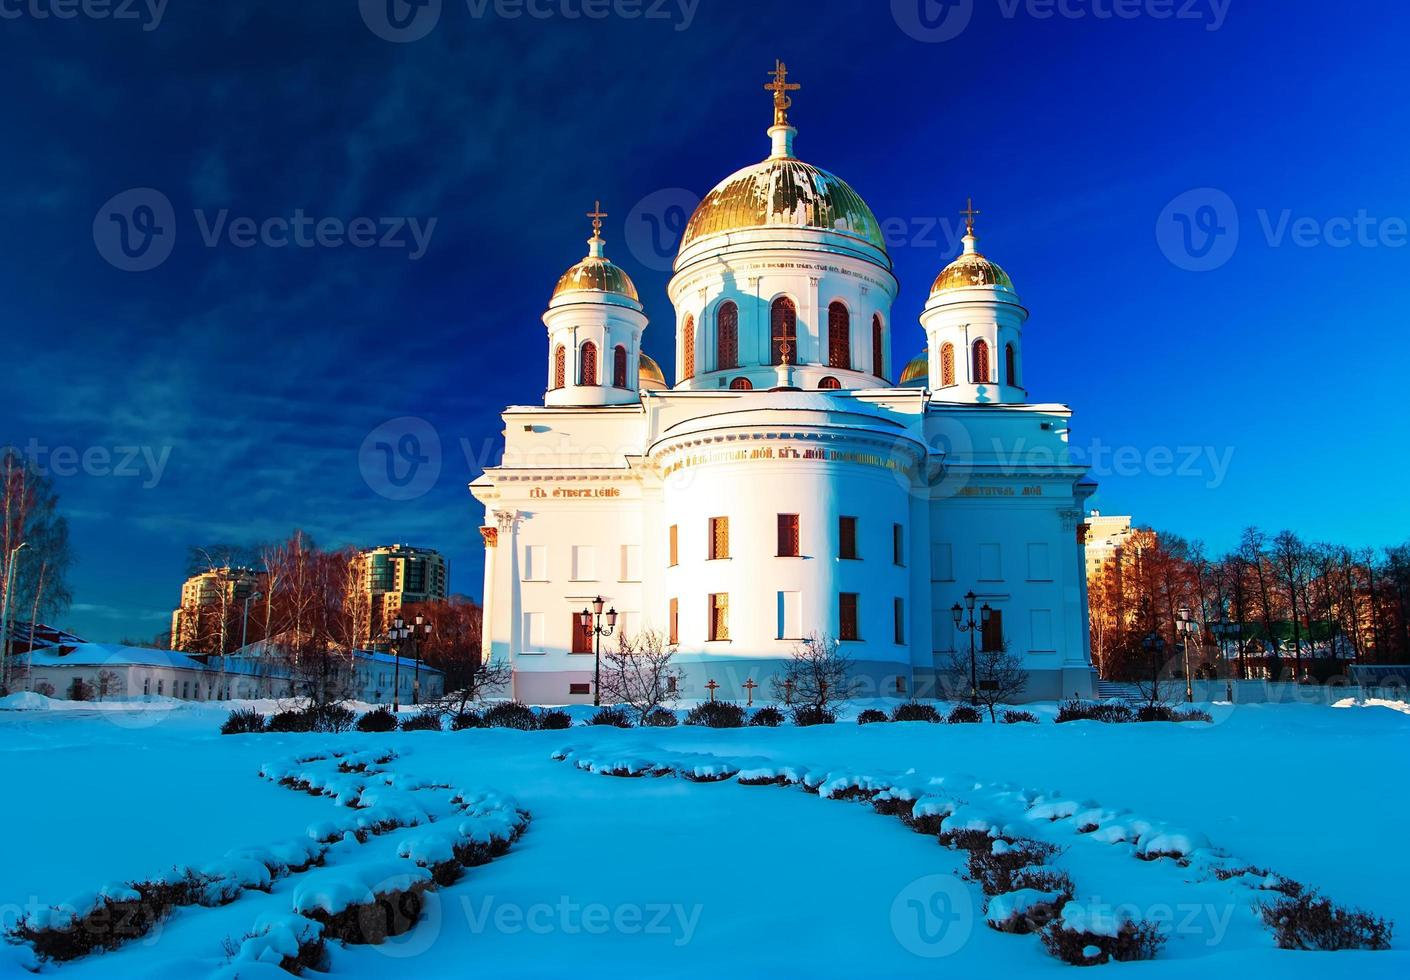 vit ortodox kyrka med guldkupoler mot blå vinterhimmel foto